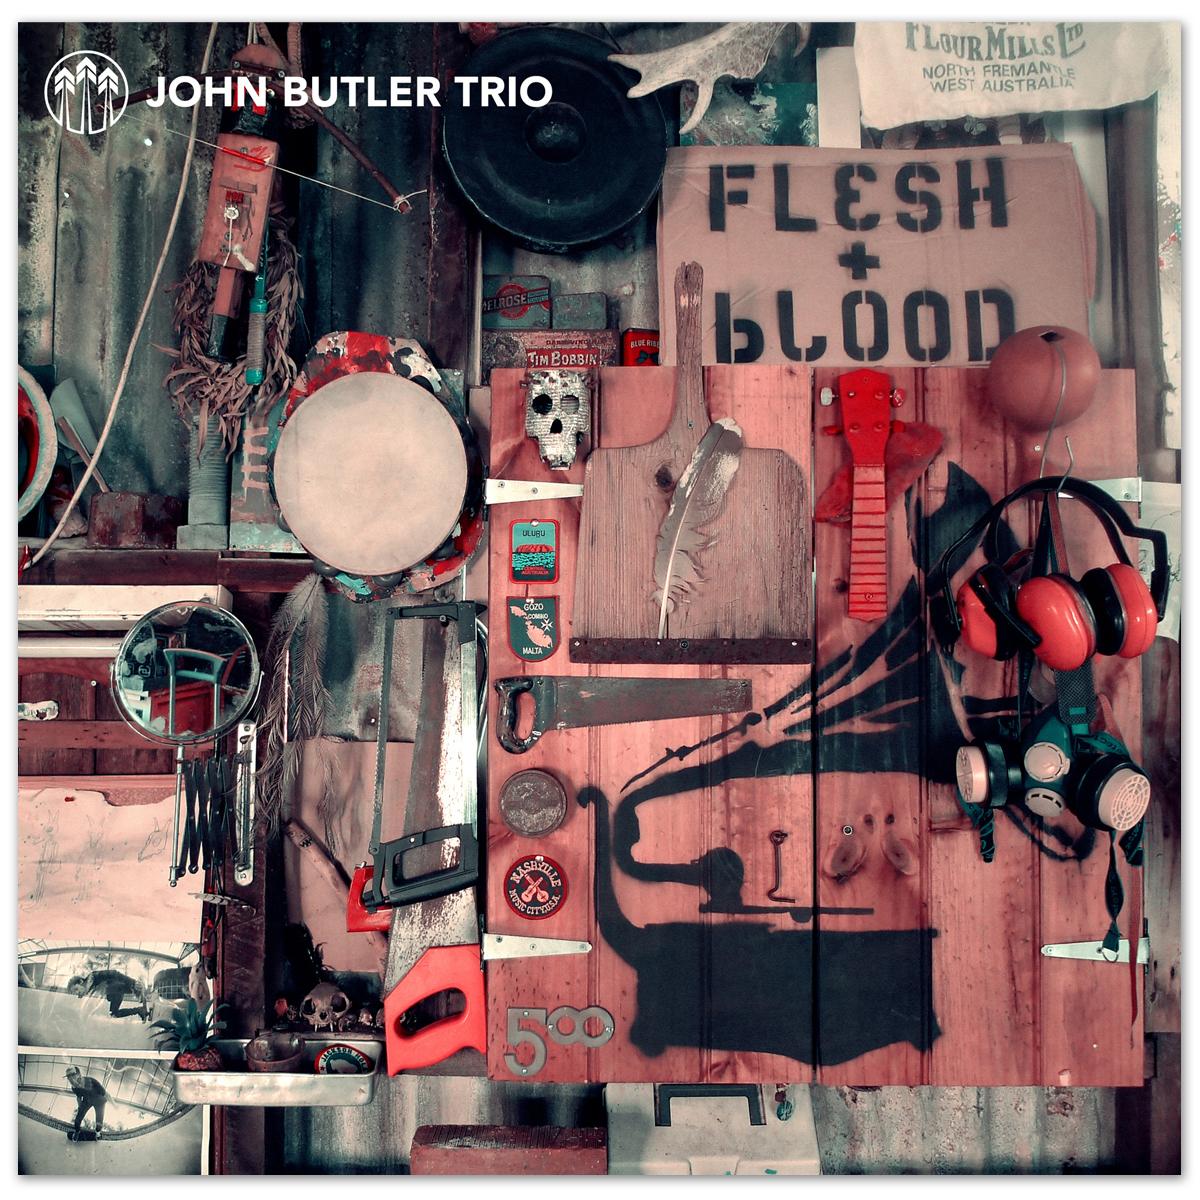 John Butler Trio - Flesh & Blood CD